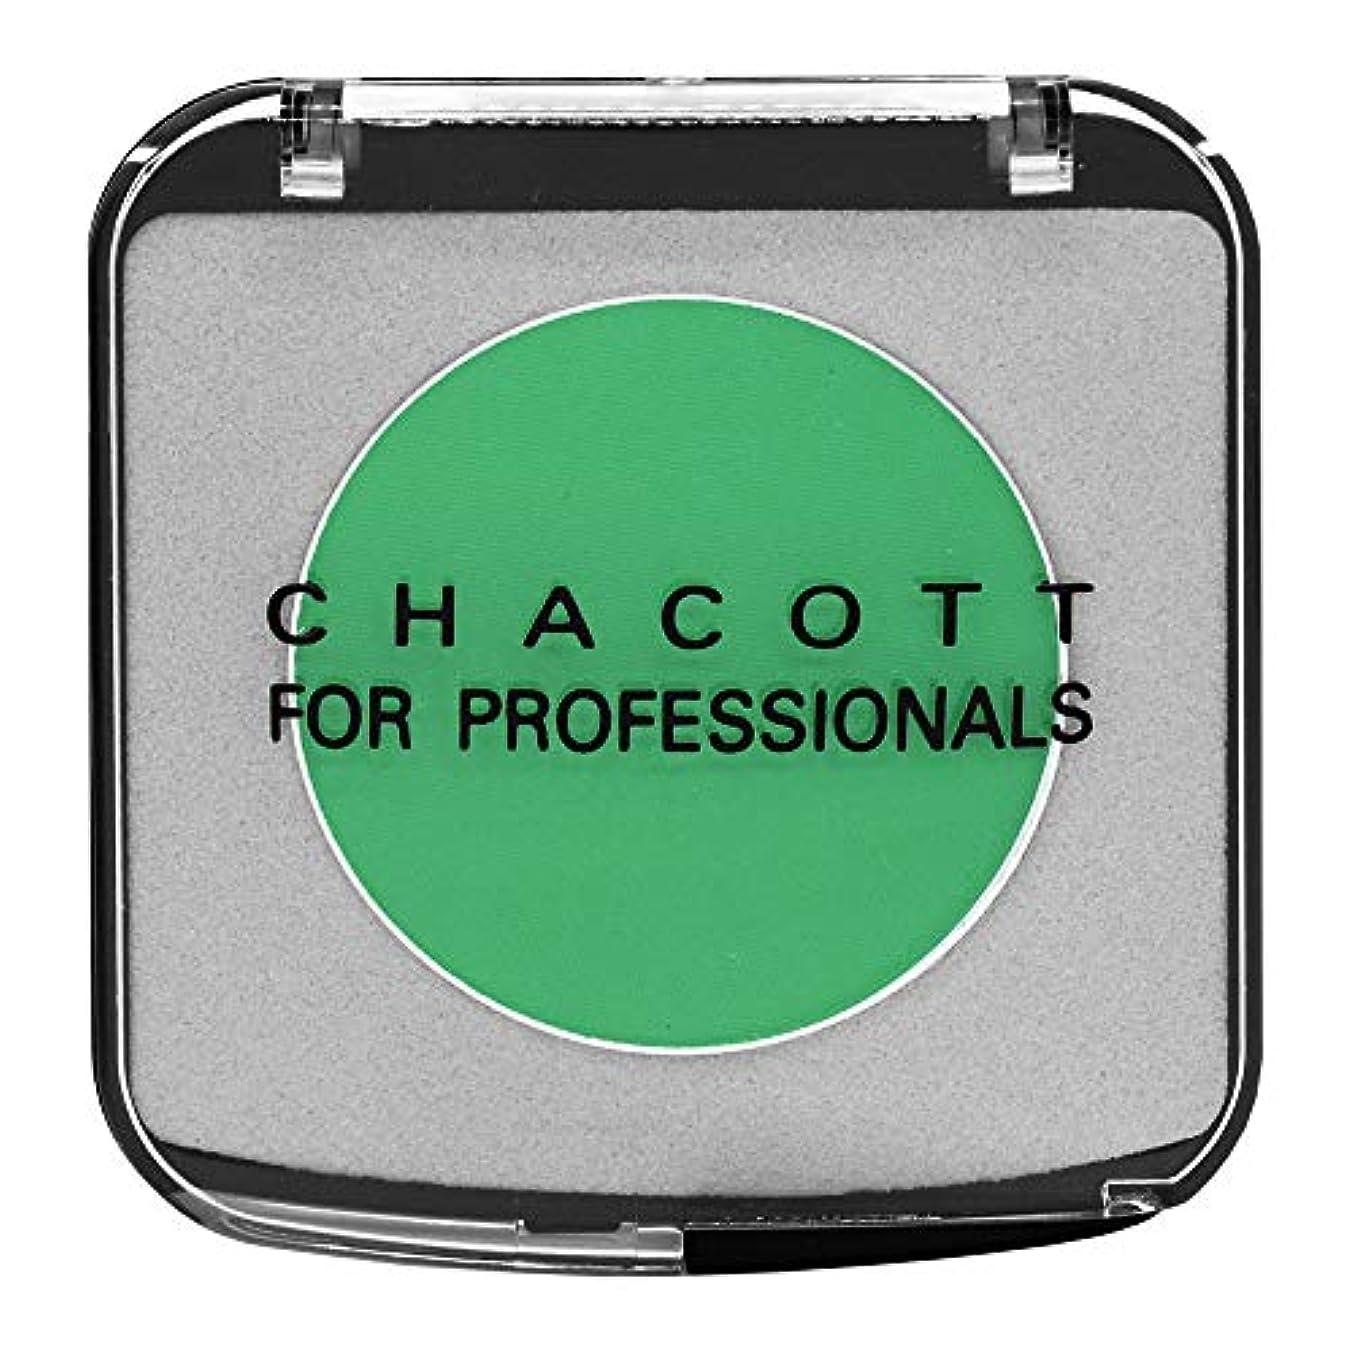 機関車ために航海のCHACOTT<チャコット> カラーバリエーション 633.グラスグリーン